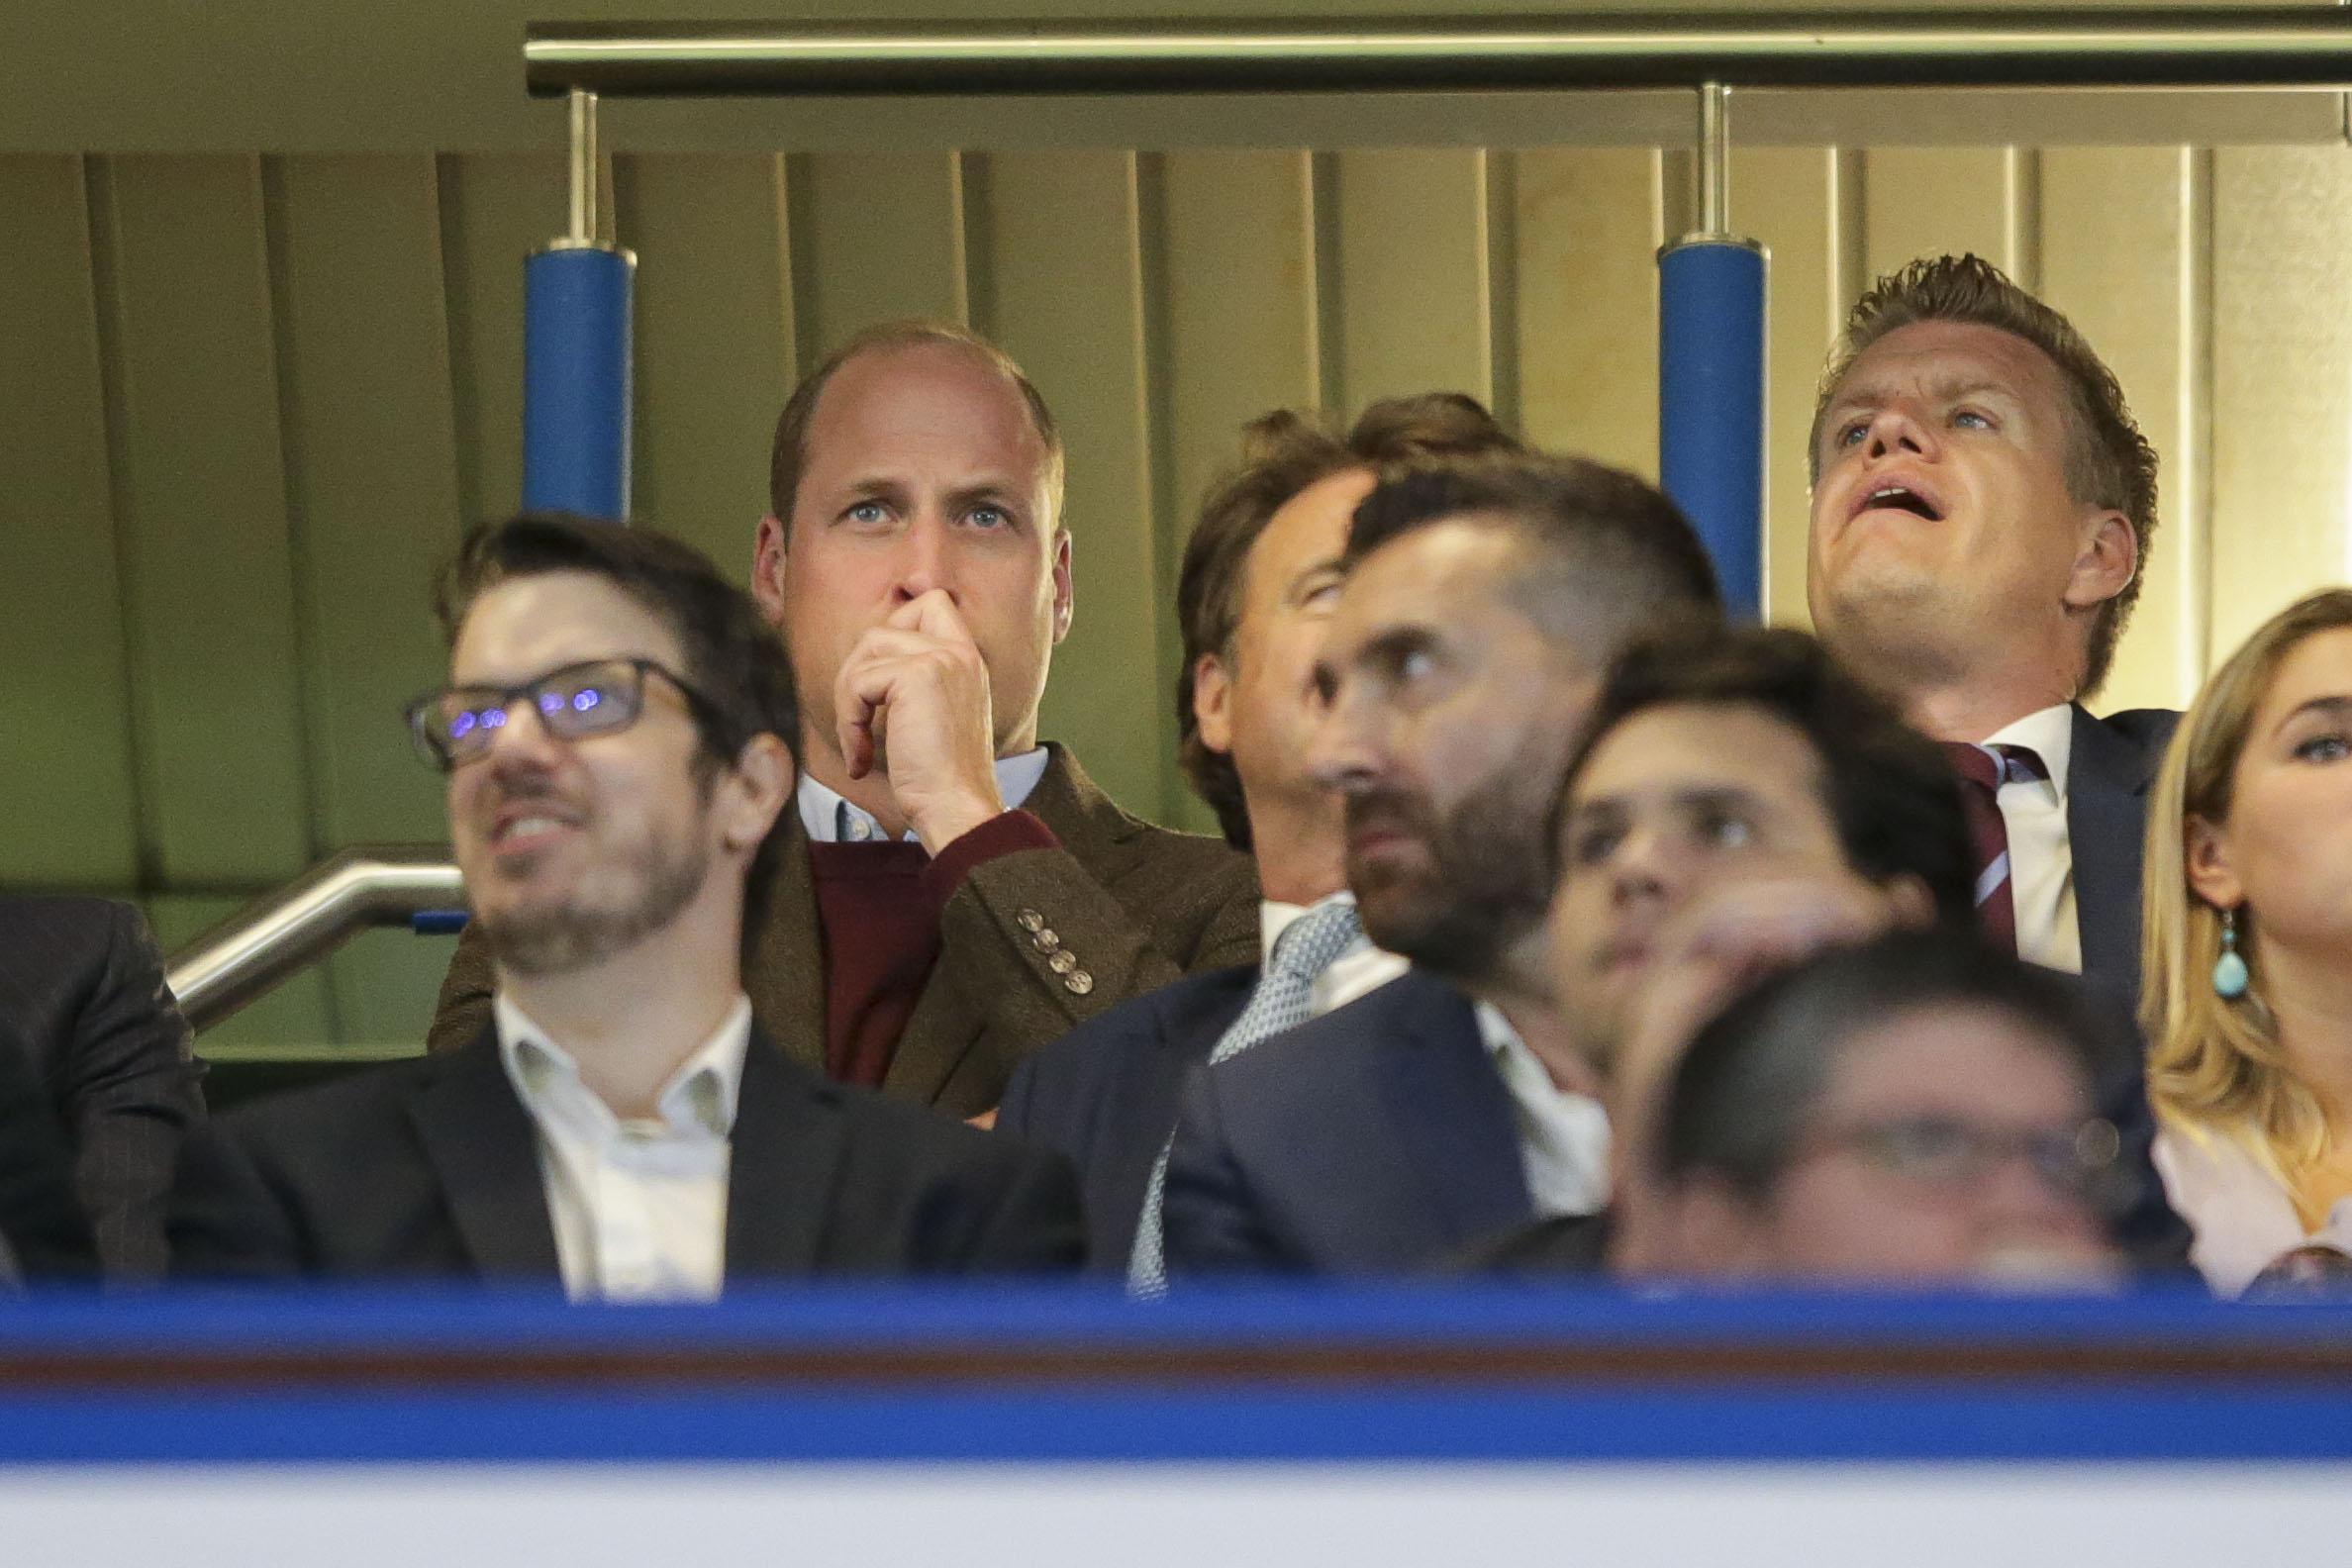 Le Prince William regarde avec anxiété le dernier match d'Aston Villa.